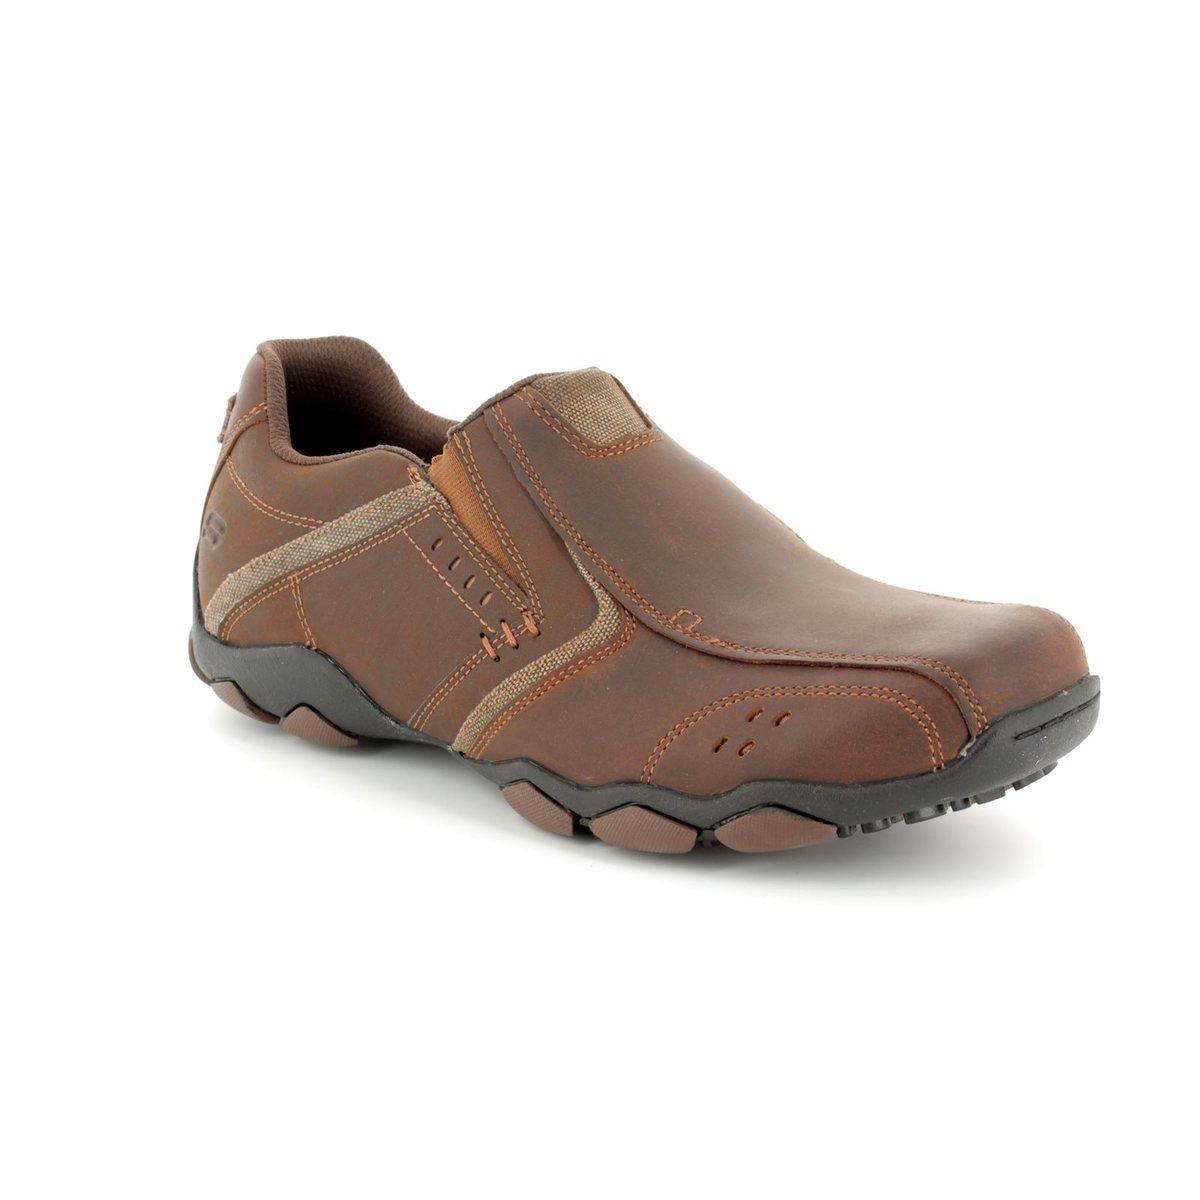 2b066c157 Skechers Casual Shoes - Brown - 64680 DIAMETER VALEN